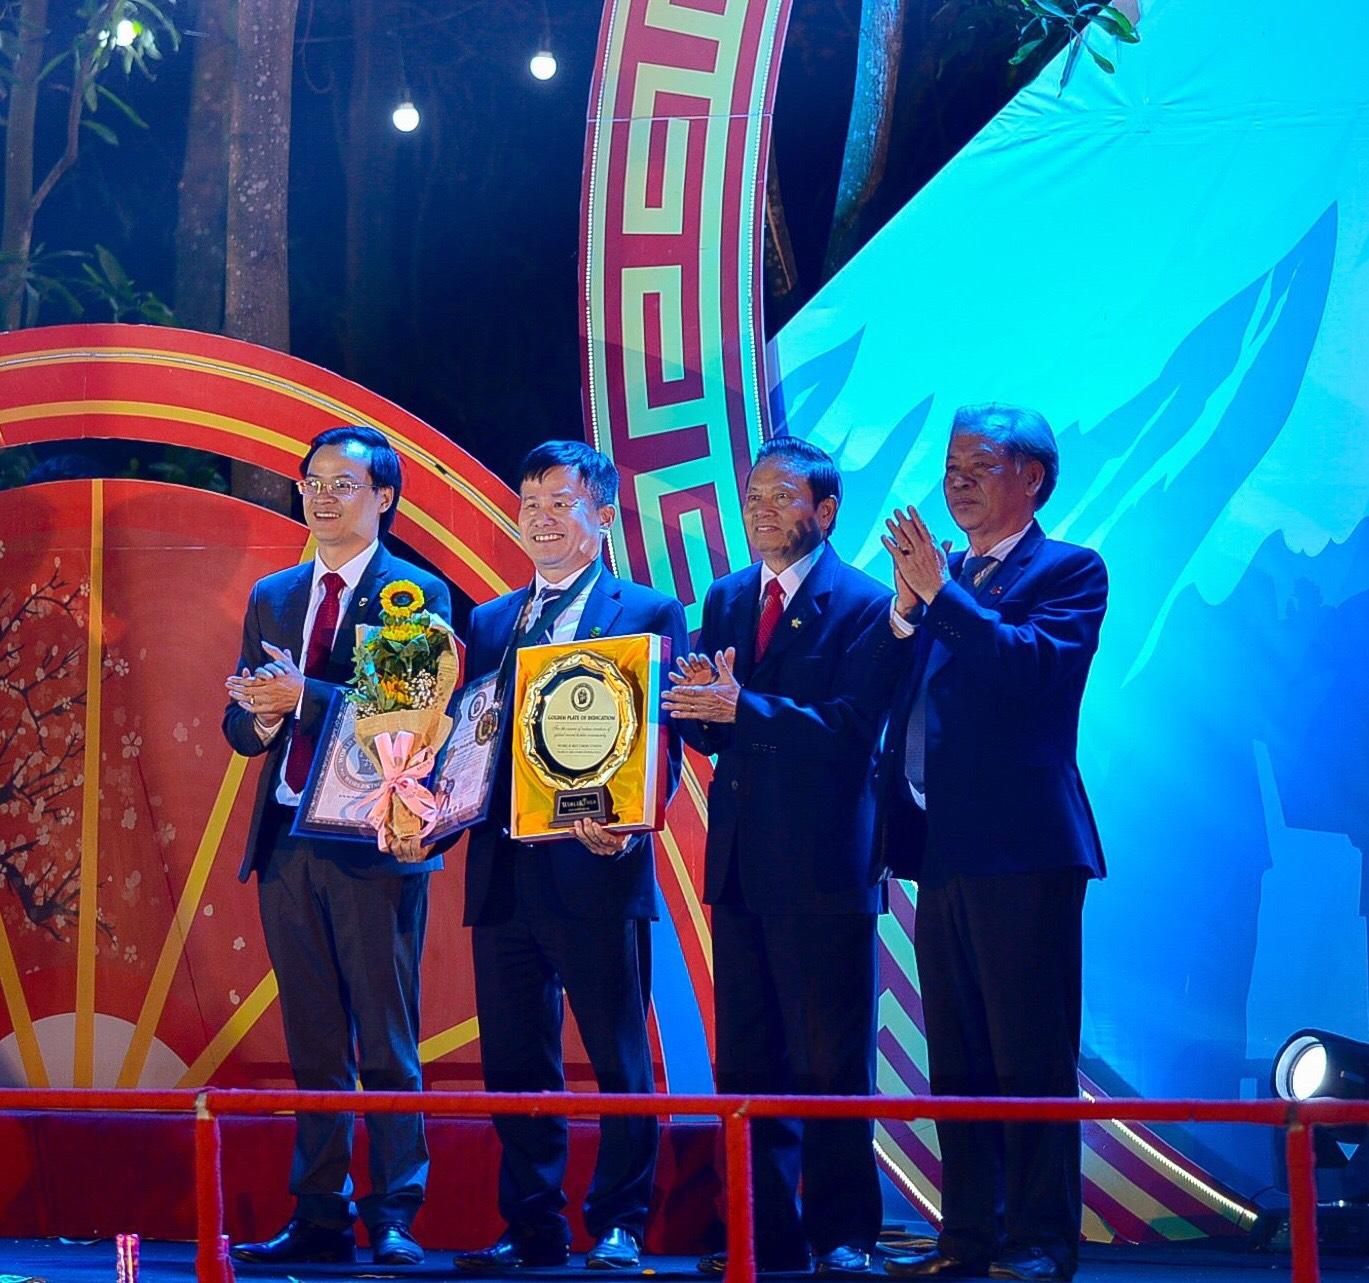 Tiến sĩ Lê Doãn Hợp và Tiến sĩ Thang Văn Phúc – Ủy viên Hội đồng WorldKings được sự thừa ủy quyền của Liên minh Kỷ lục Thế giới trao Đĩa vàng và Huy hiệu Thành viên của Liên Đoàn các Nhà sáng tạo Thế giới – World Creators Federation (WCF) trực thuộc WorldKings đến ông Phạm Hồng Điệp.